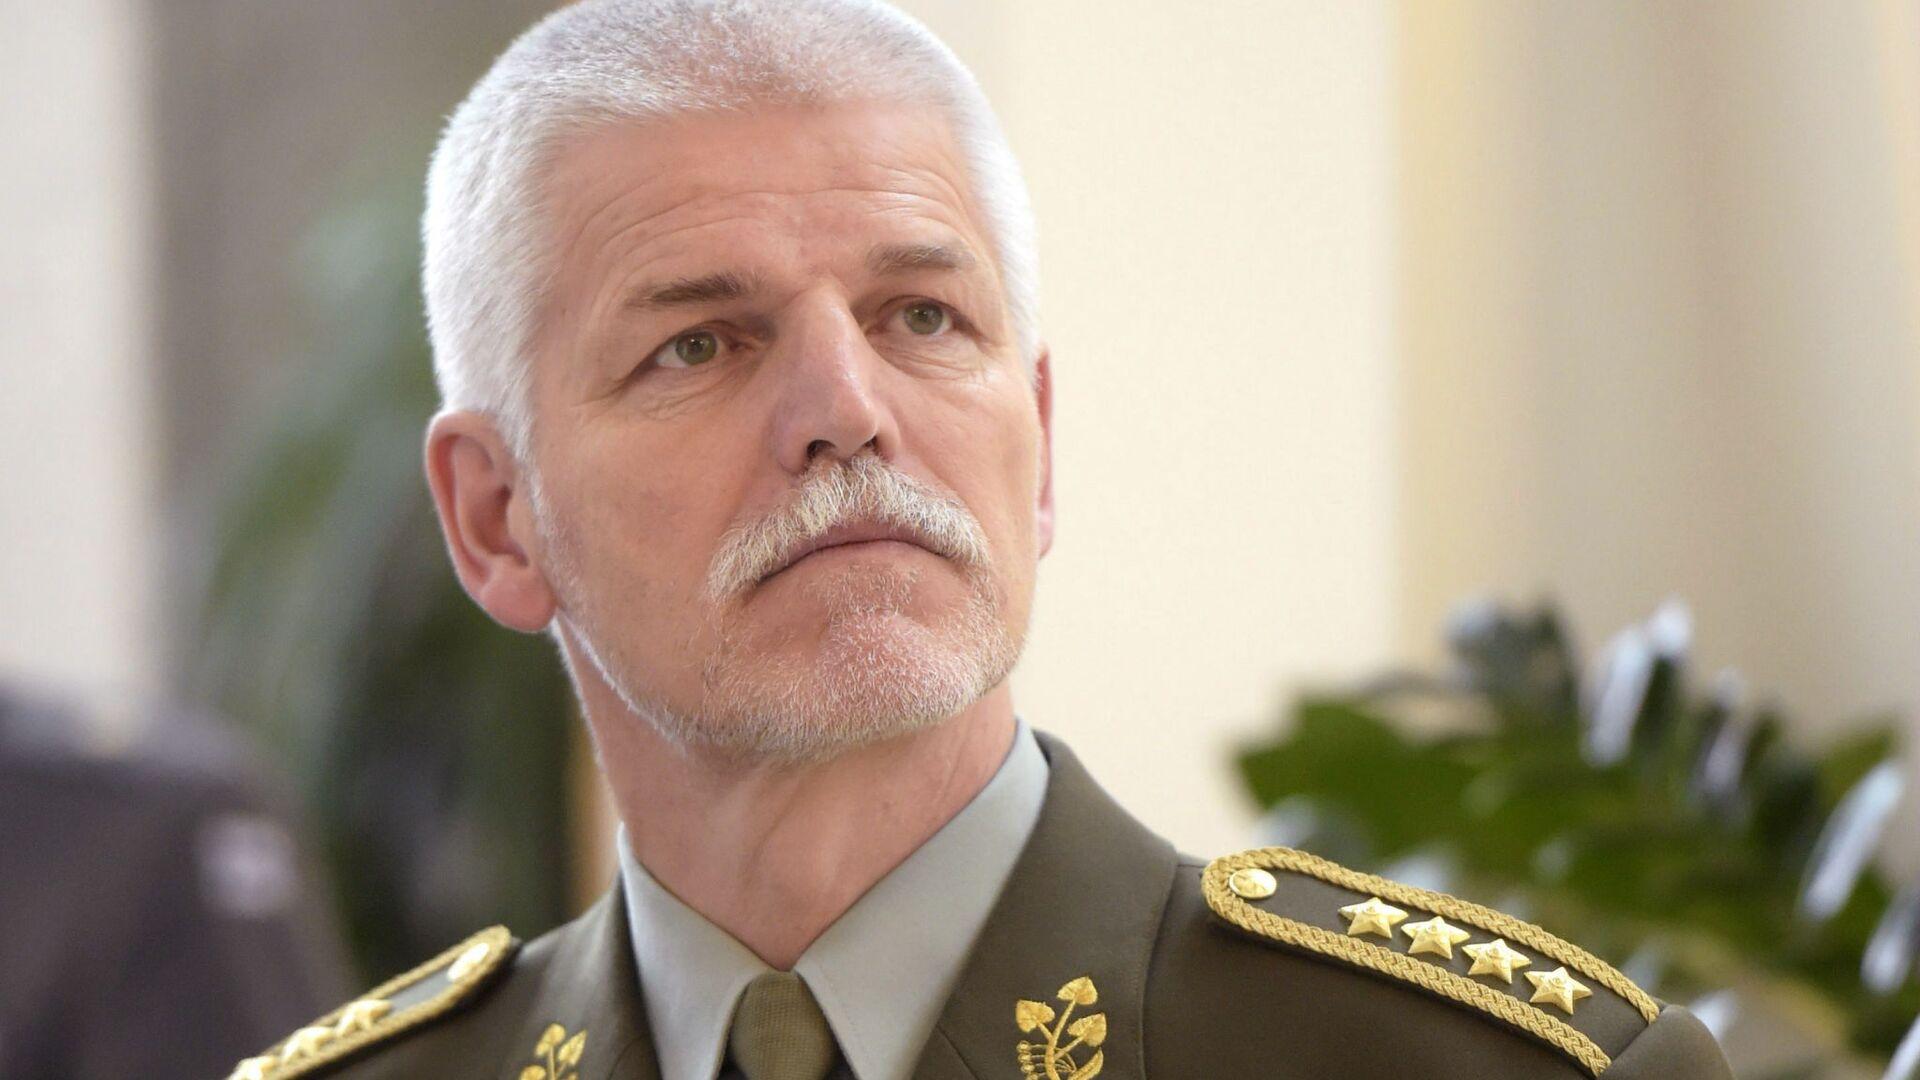 Generál Petr Pavel - Sputnik Česká republika, 1920, 28.07.2021